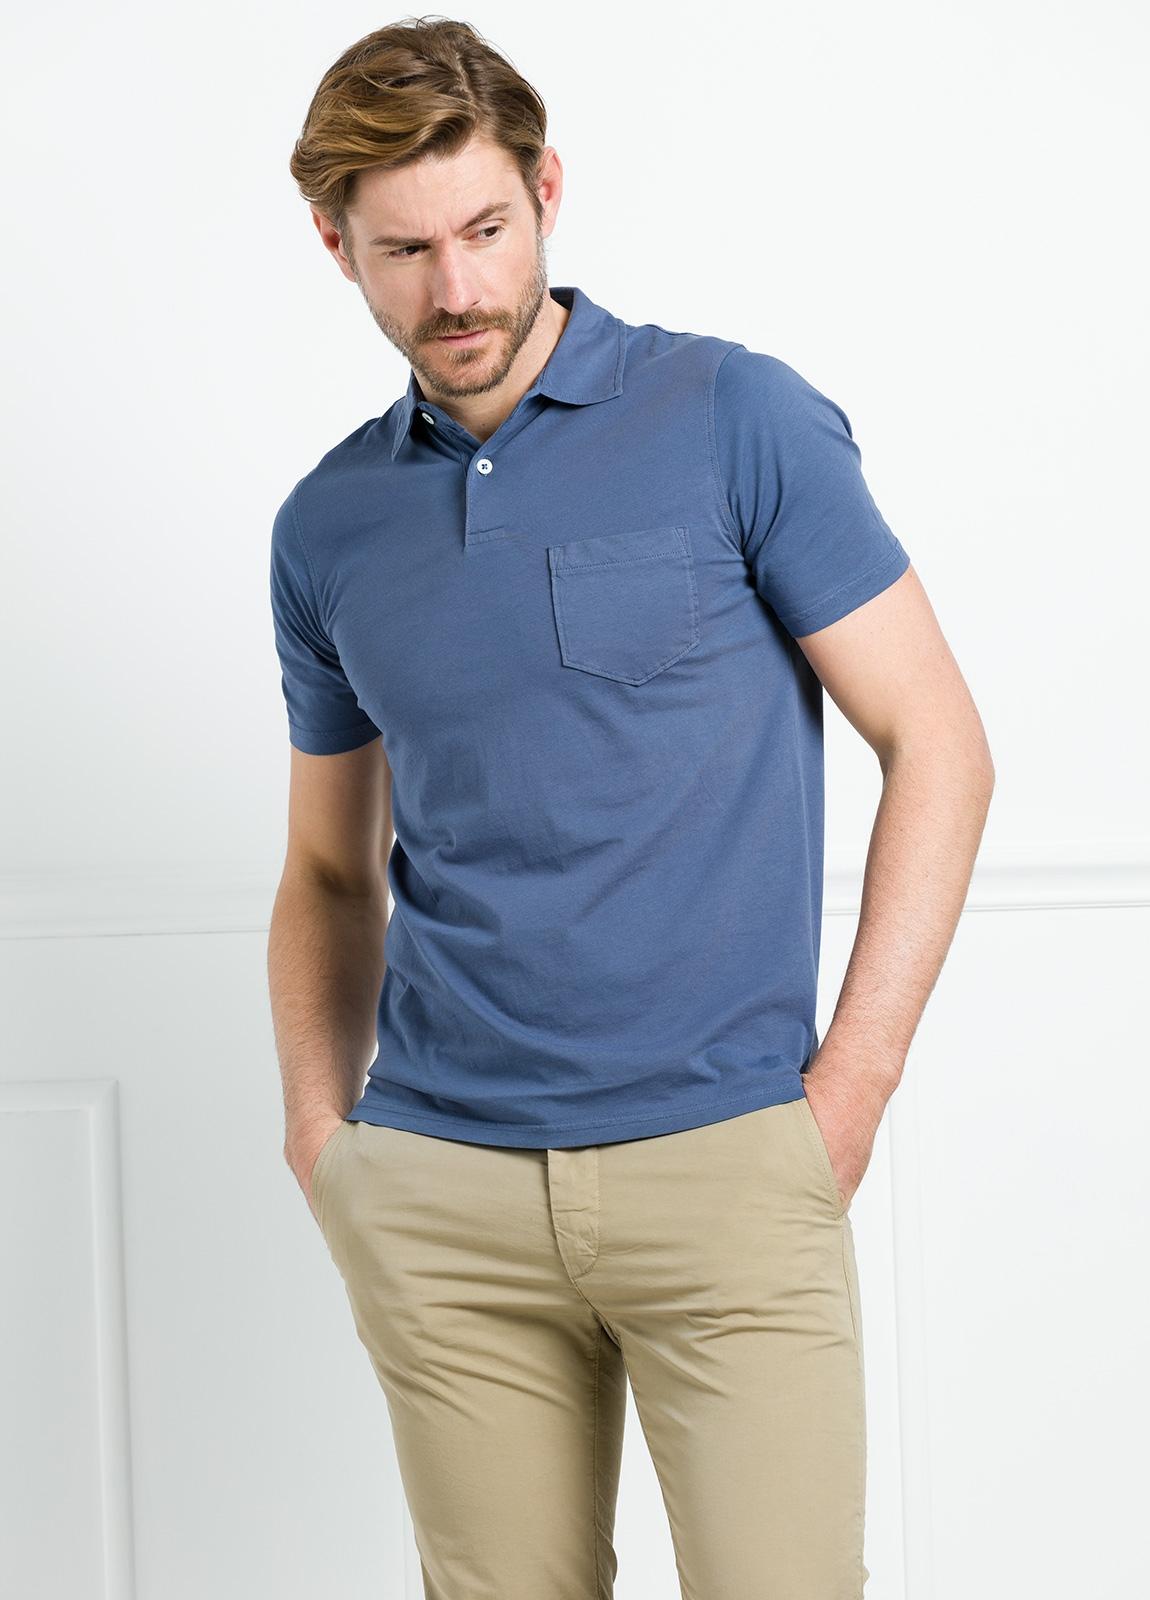 Polo liso manga corta color azul medio con bolsillo en pecho. 100% Algodón.